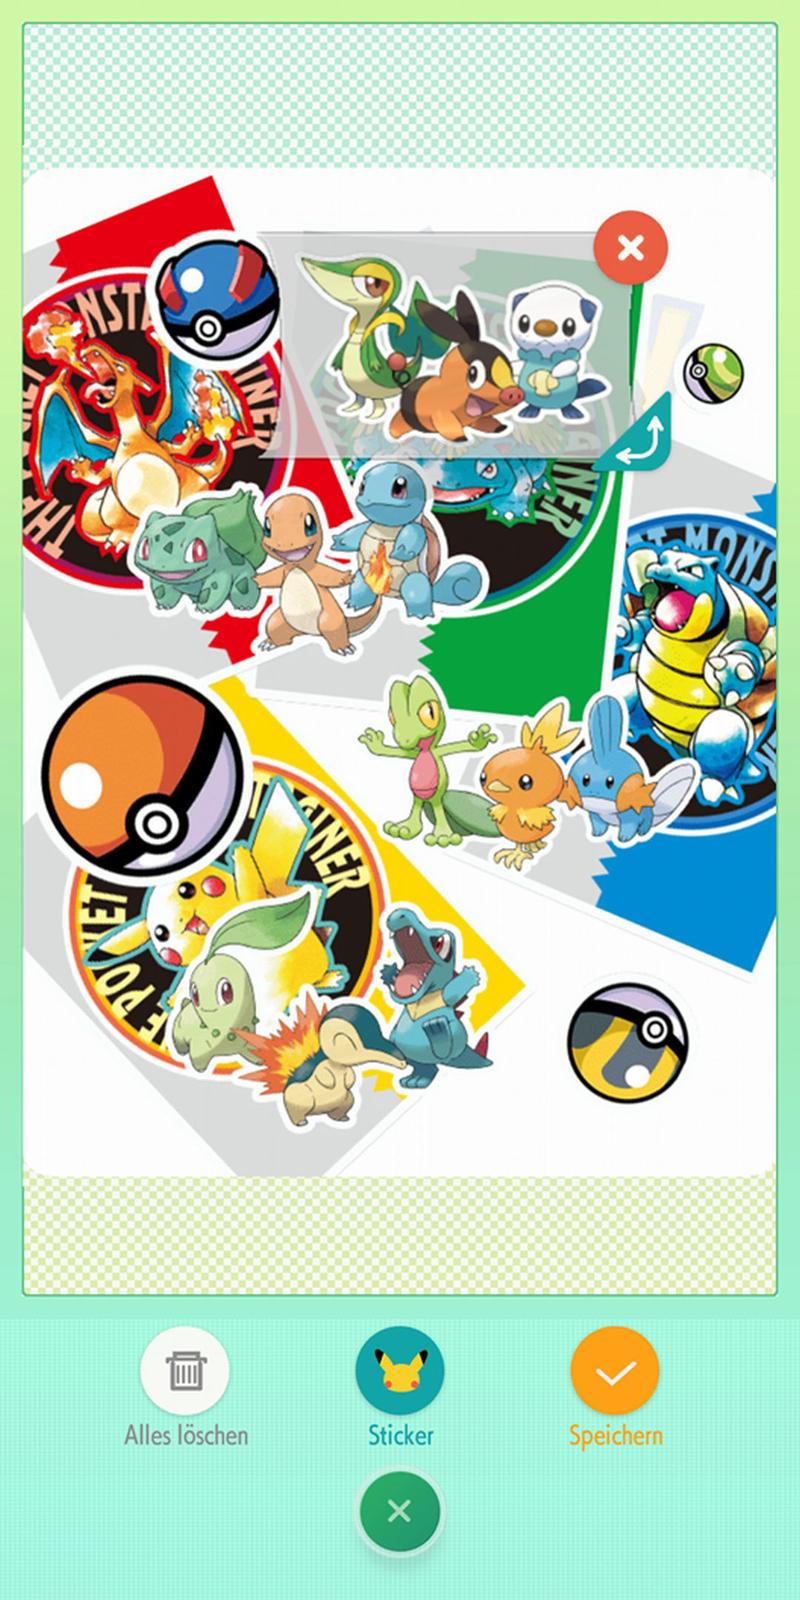 zahlreiche details zu pokémon home bekanntgegeben